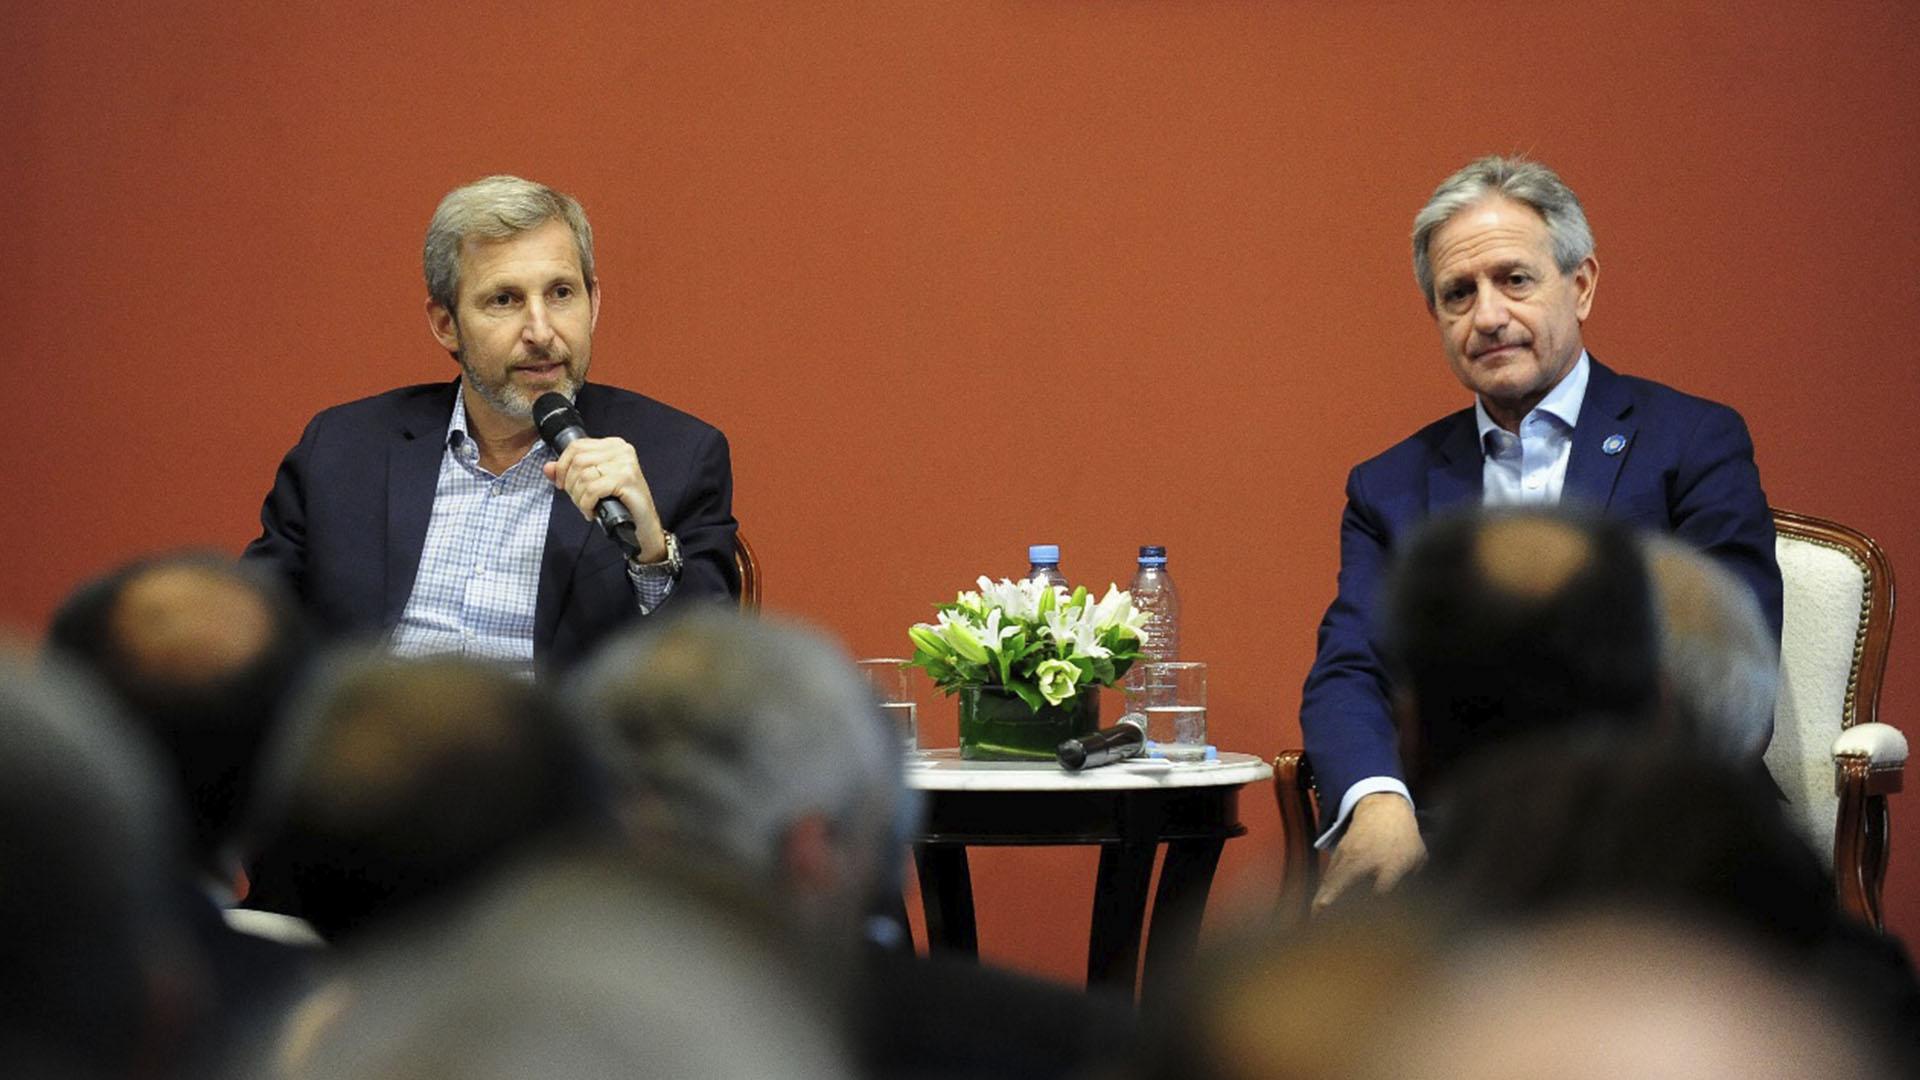 Rogelio Frigerio y Andrés Ibarra presentaron el nuevo sistema de identidad digital